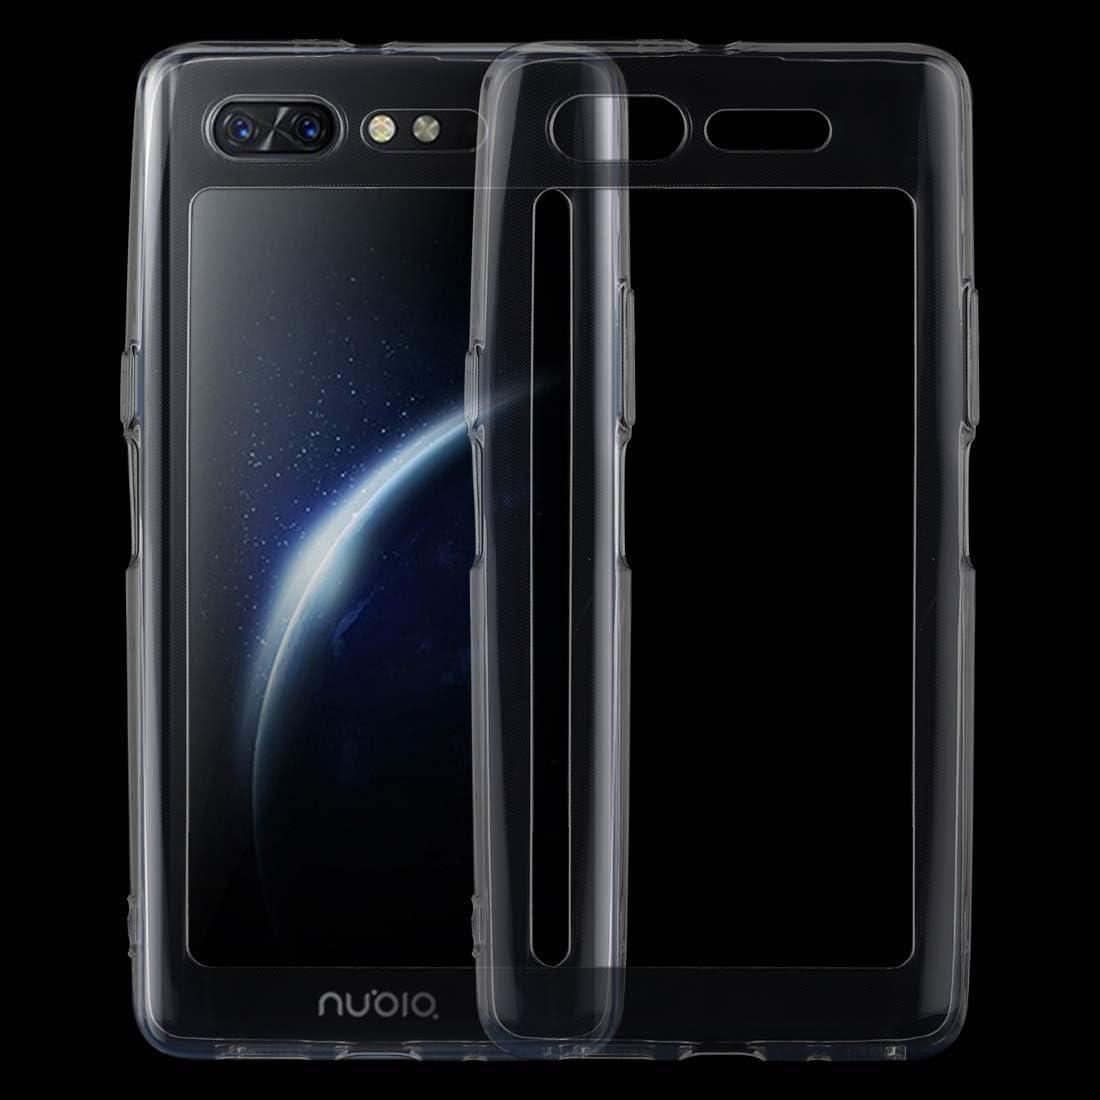 Caja protectora transparente TPU caja del teléfono ultrafino de 0,75 mm Para la cubierta del teléfono ZTE Nubia X yinghua: Amazon.es: Instrumentos musicales